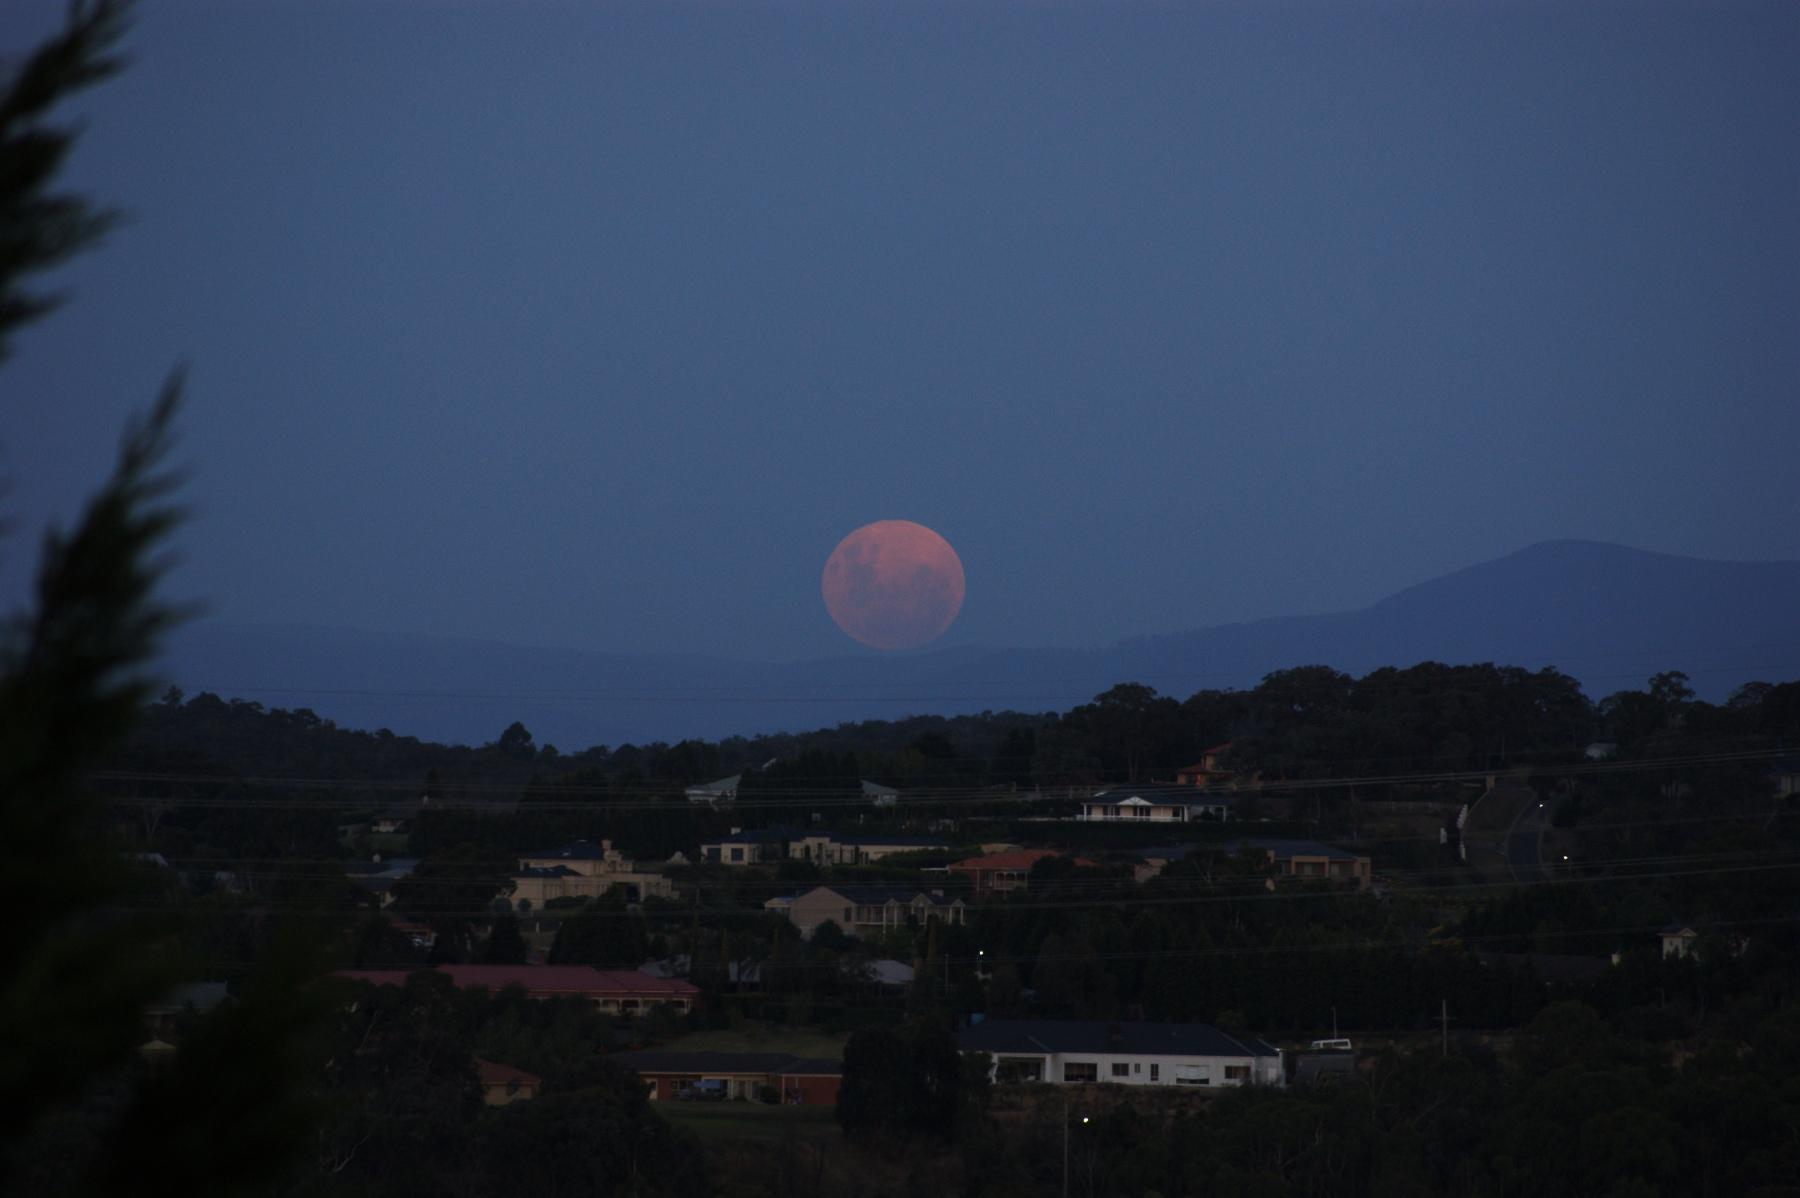 https://www.images.scottphotographics.com/Blue-Moon-Melbourne-Victoria-Australia/Blue-Moon-Melbourne-Victoria-Australia01.jpg